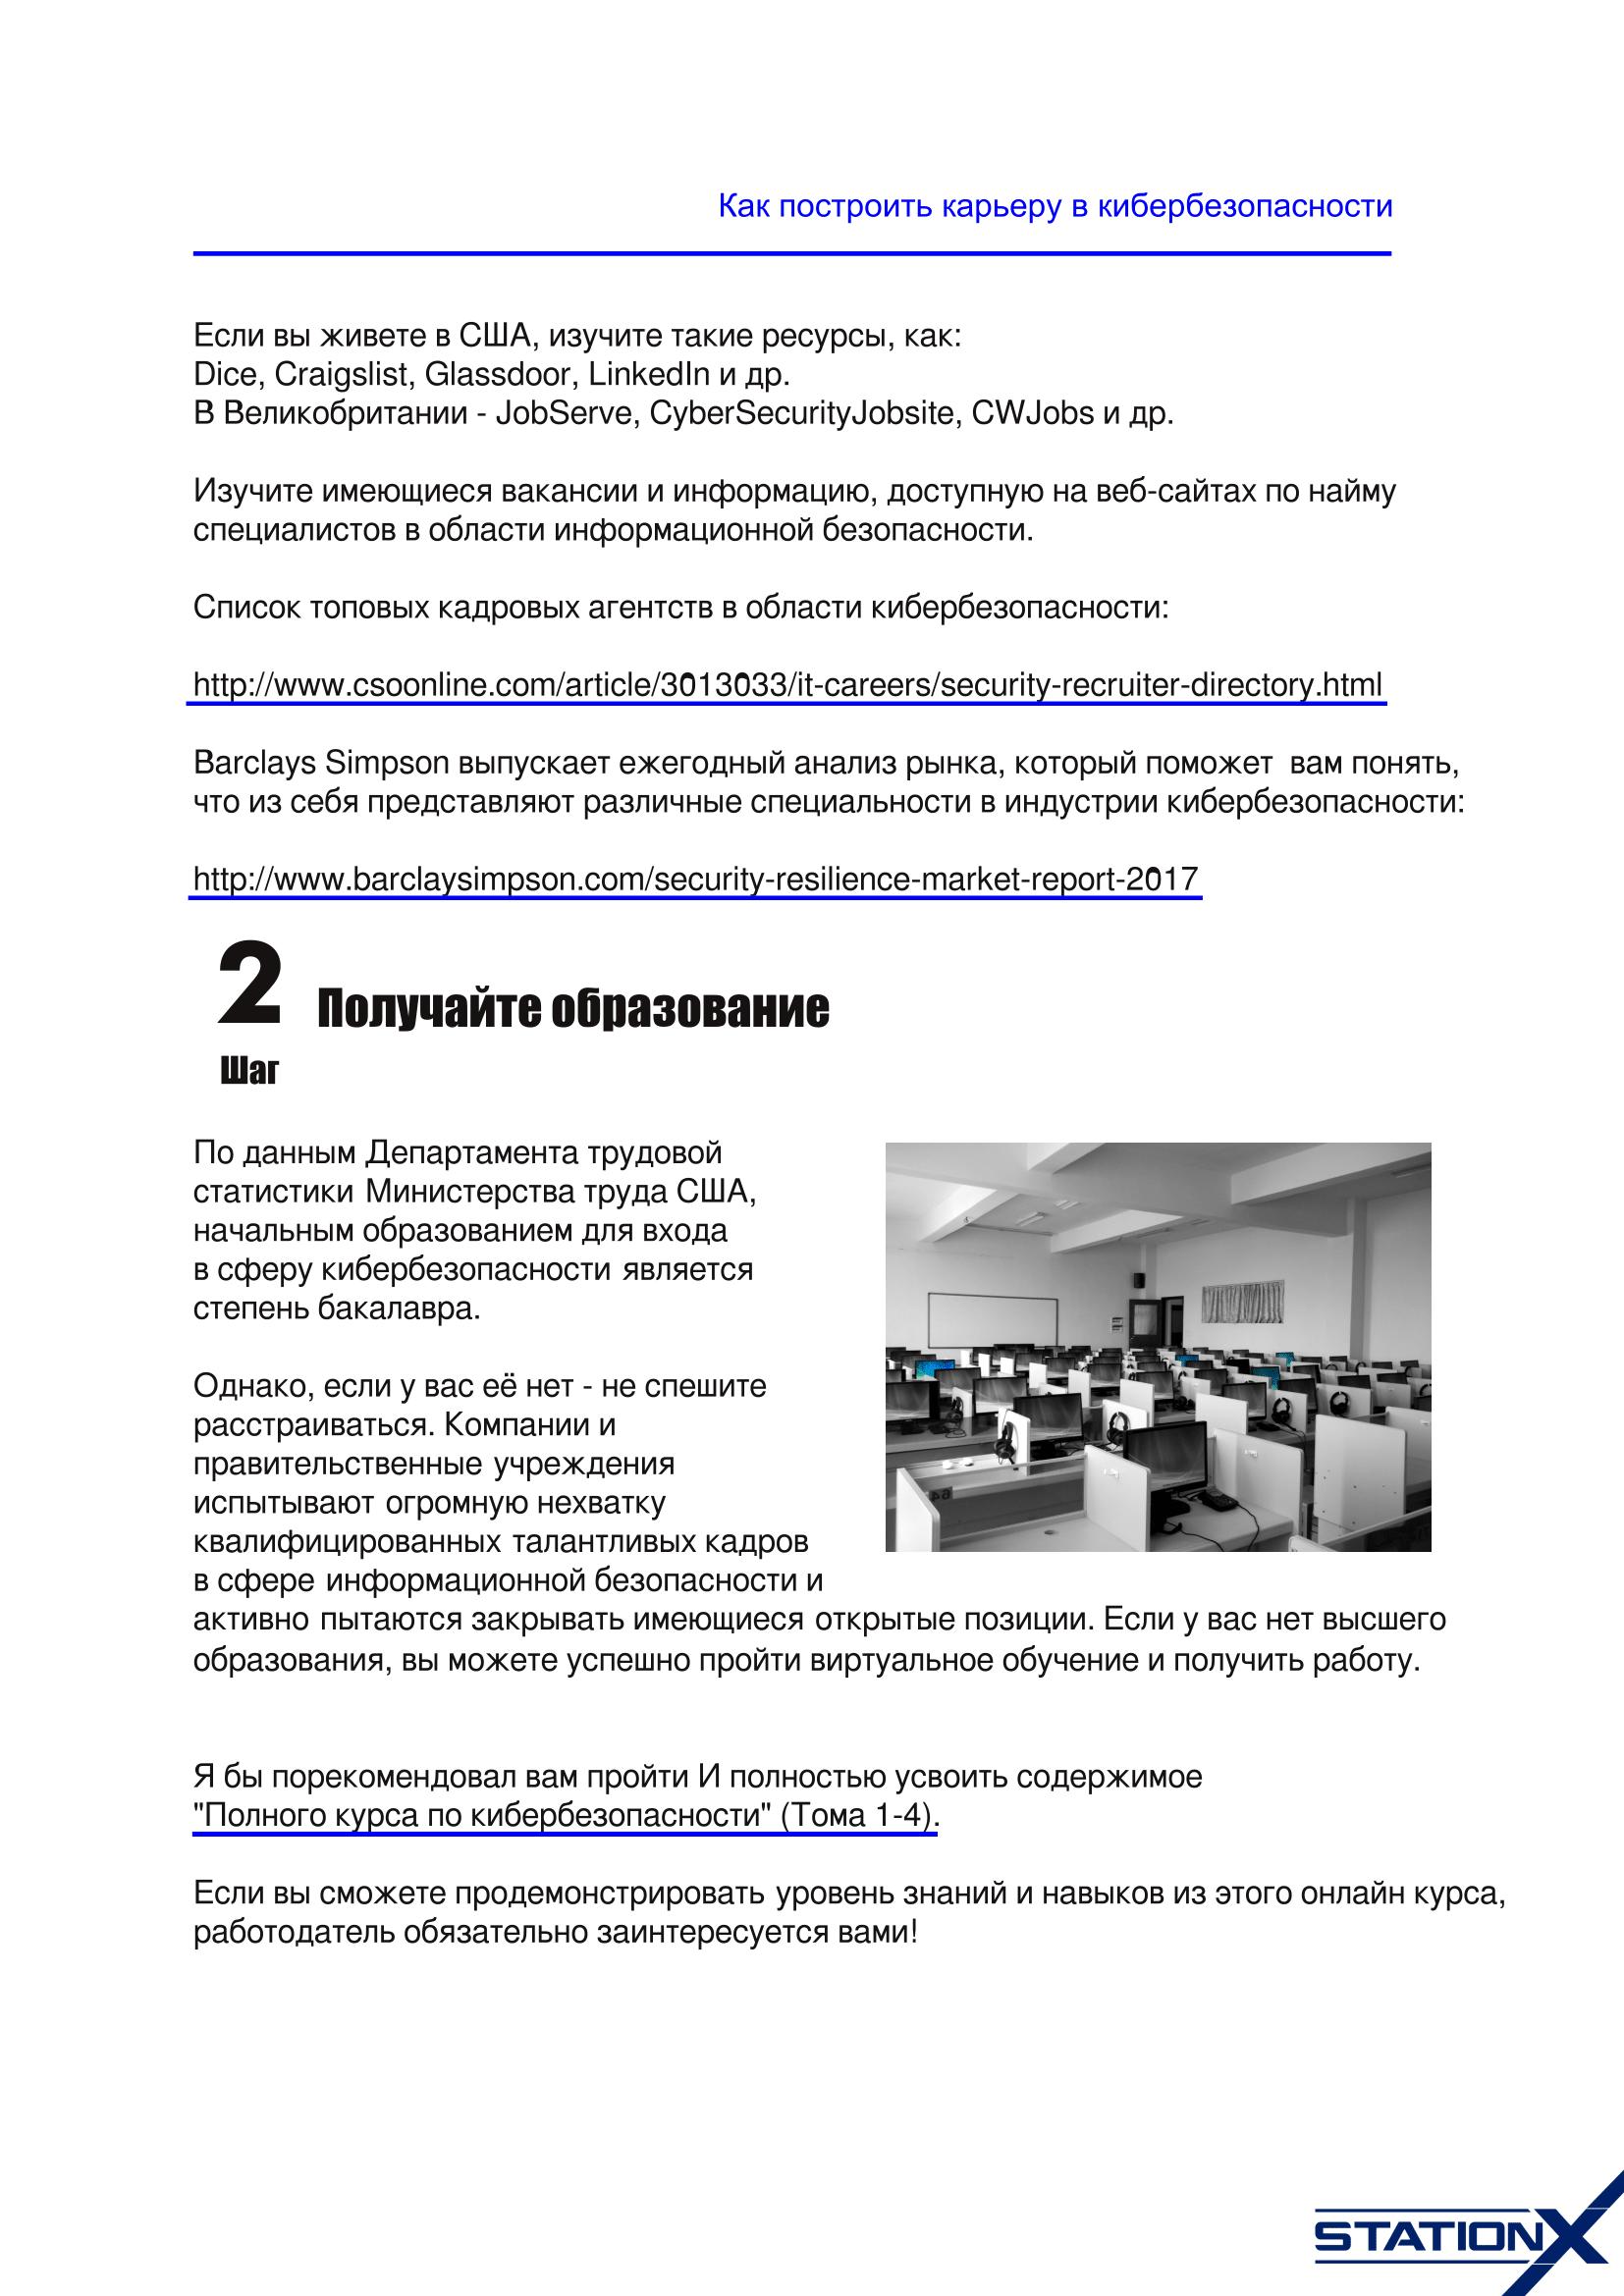 Как построить карьеру в кибербезопасности-2.png